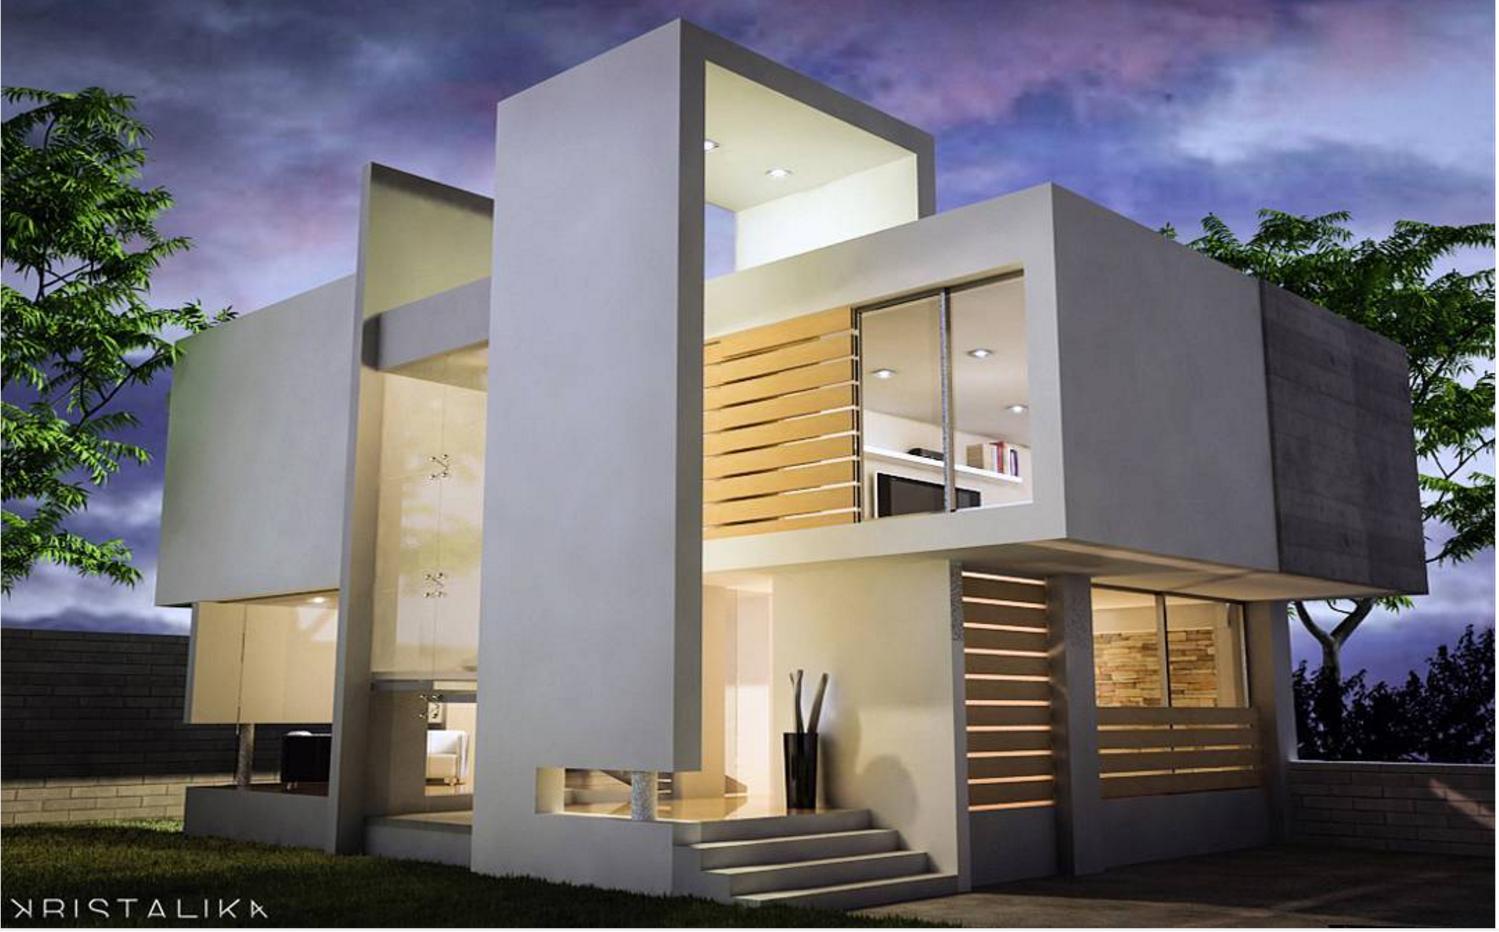 101 planos de casas vivienda con un dise o conceptual for Diseno de viviendas